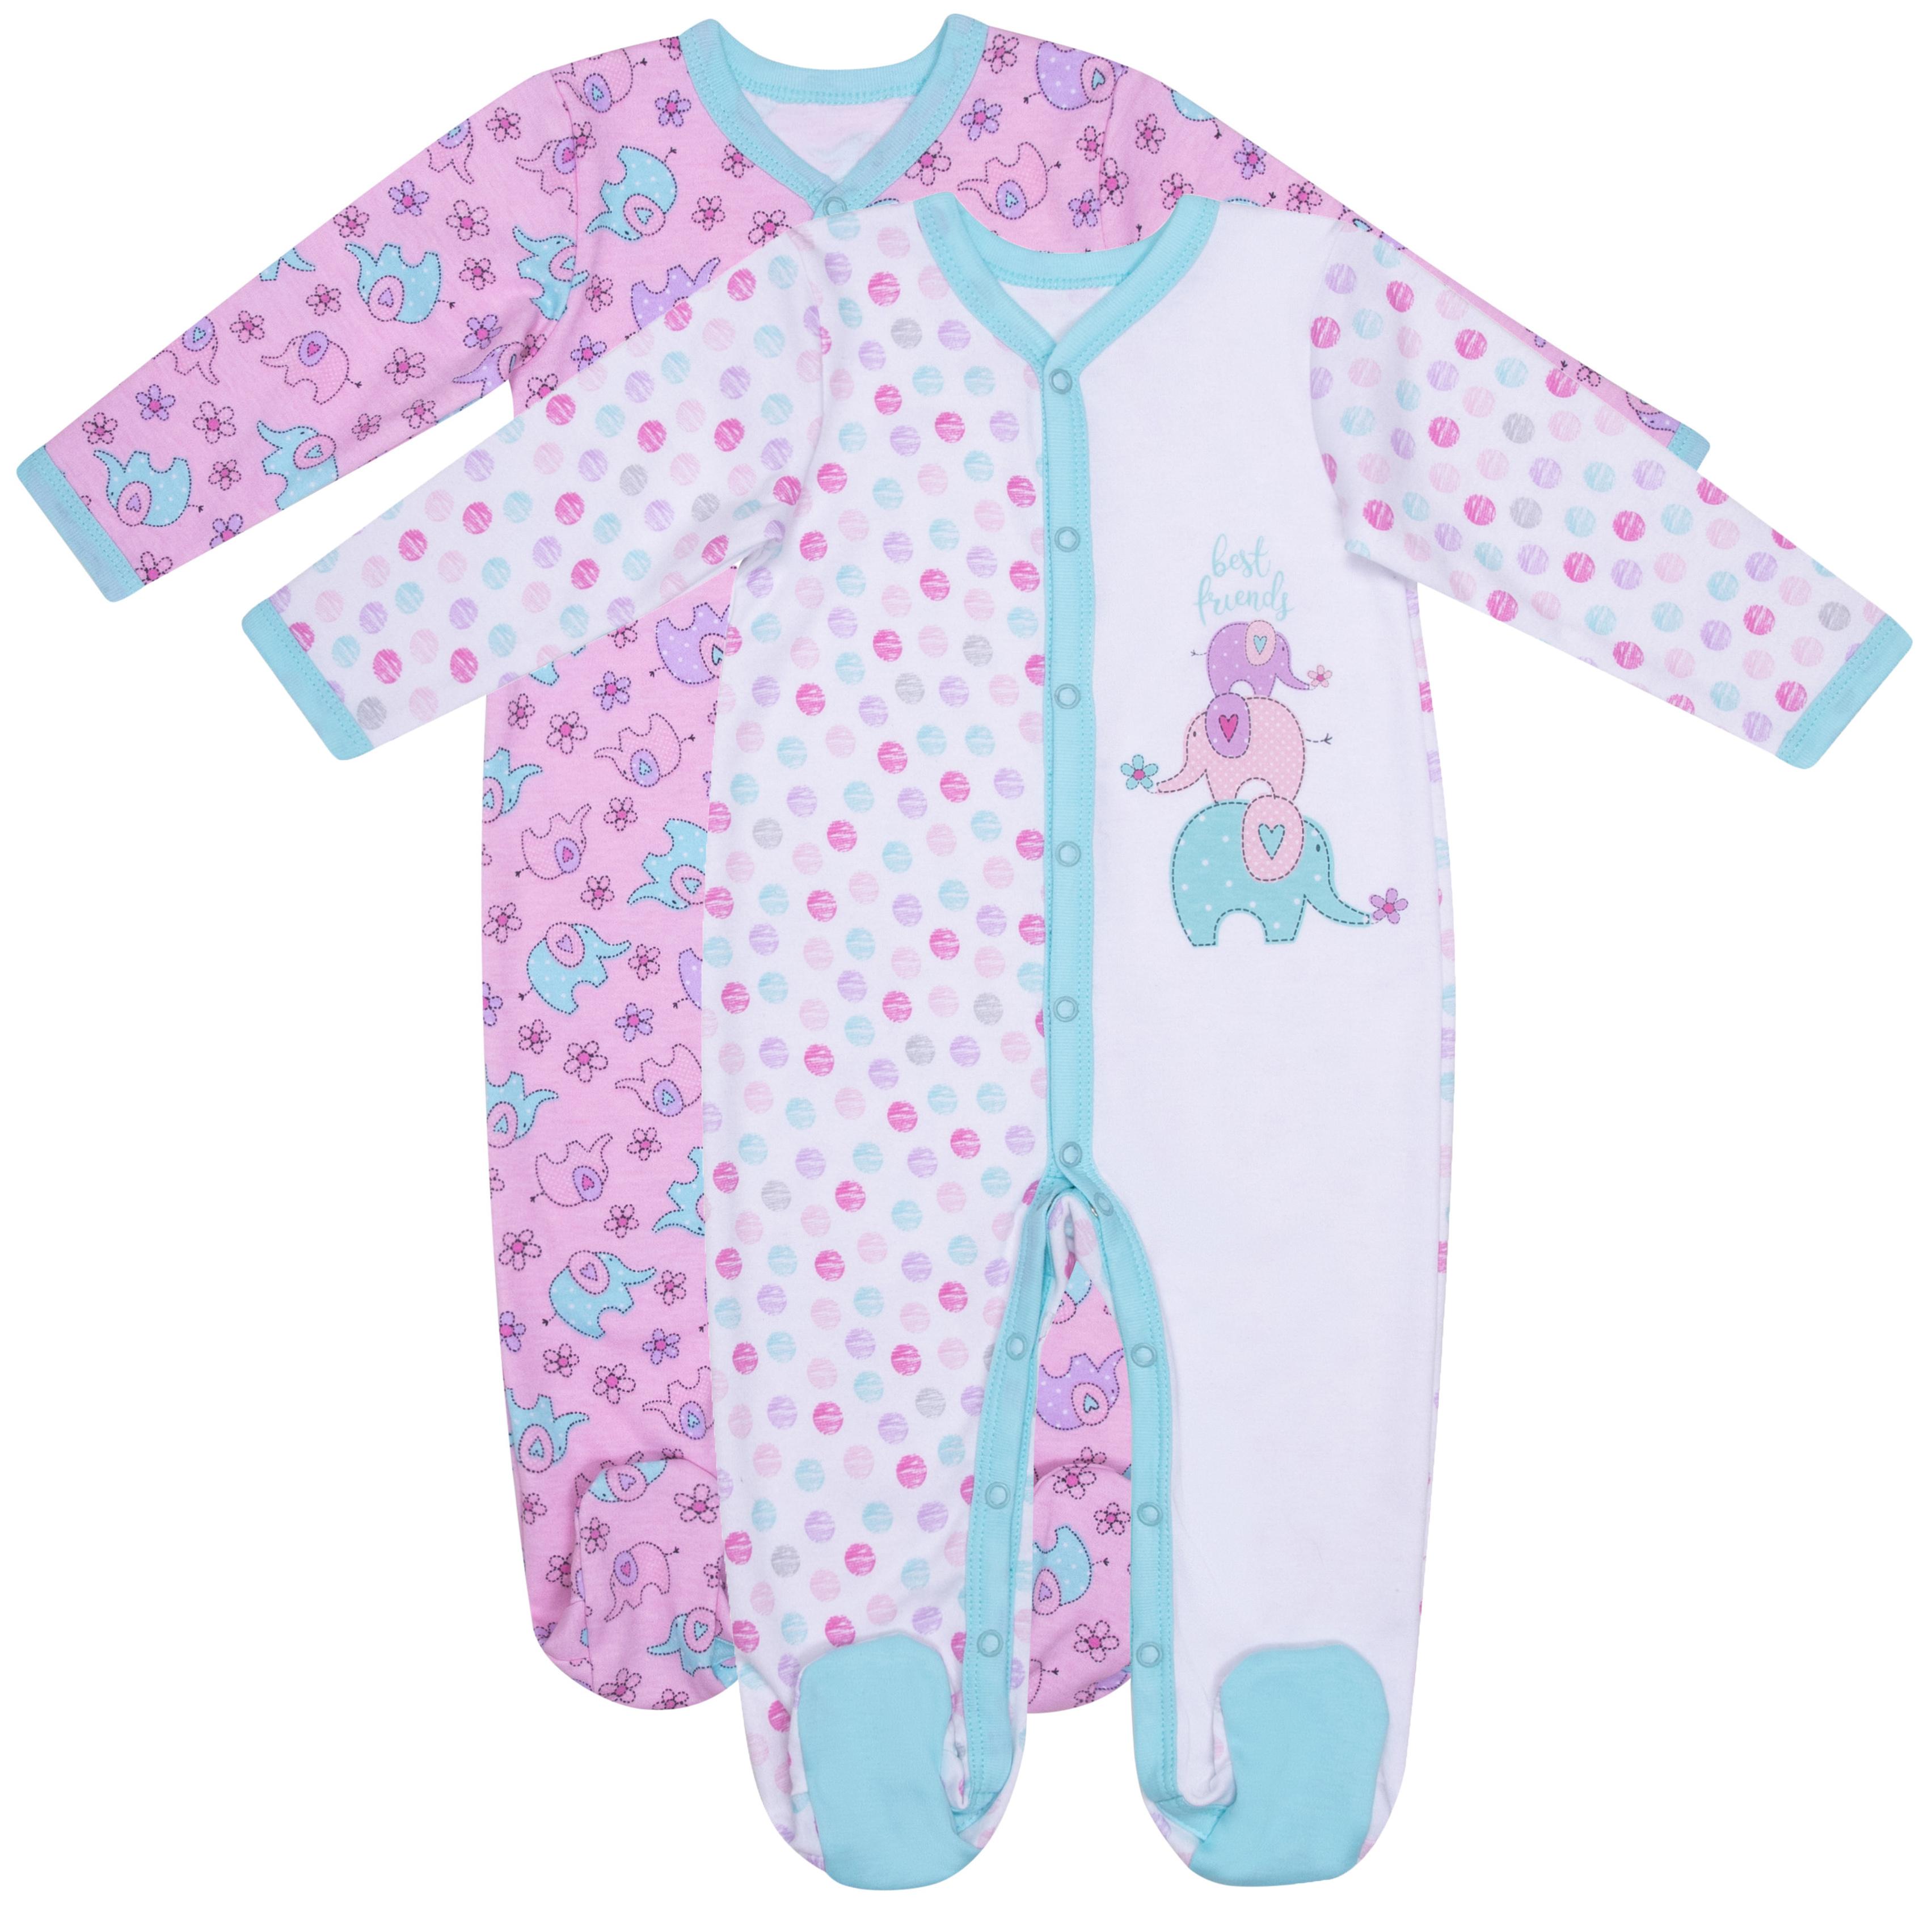 Купить Комплект комбинезонов Barkito Мятные слоники 2 шт. белый, розовый р.50, Детские комбинезоны для мальчиков